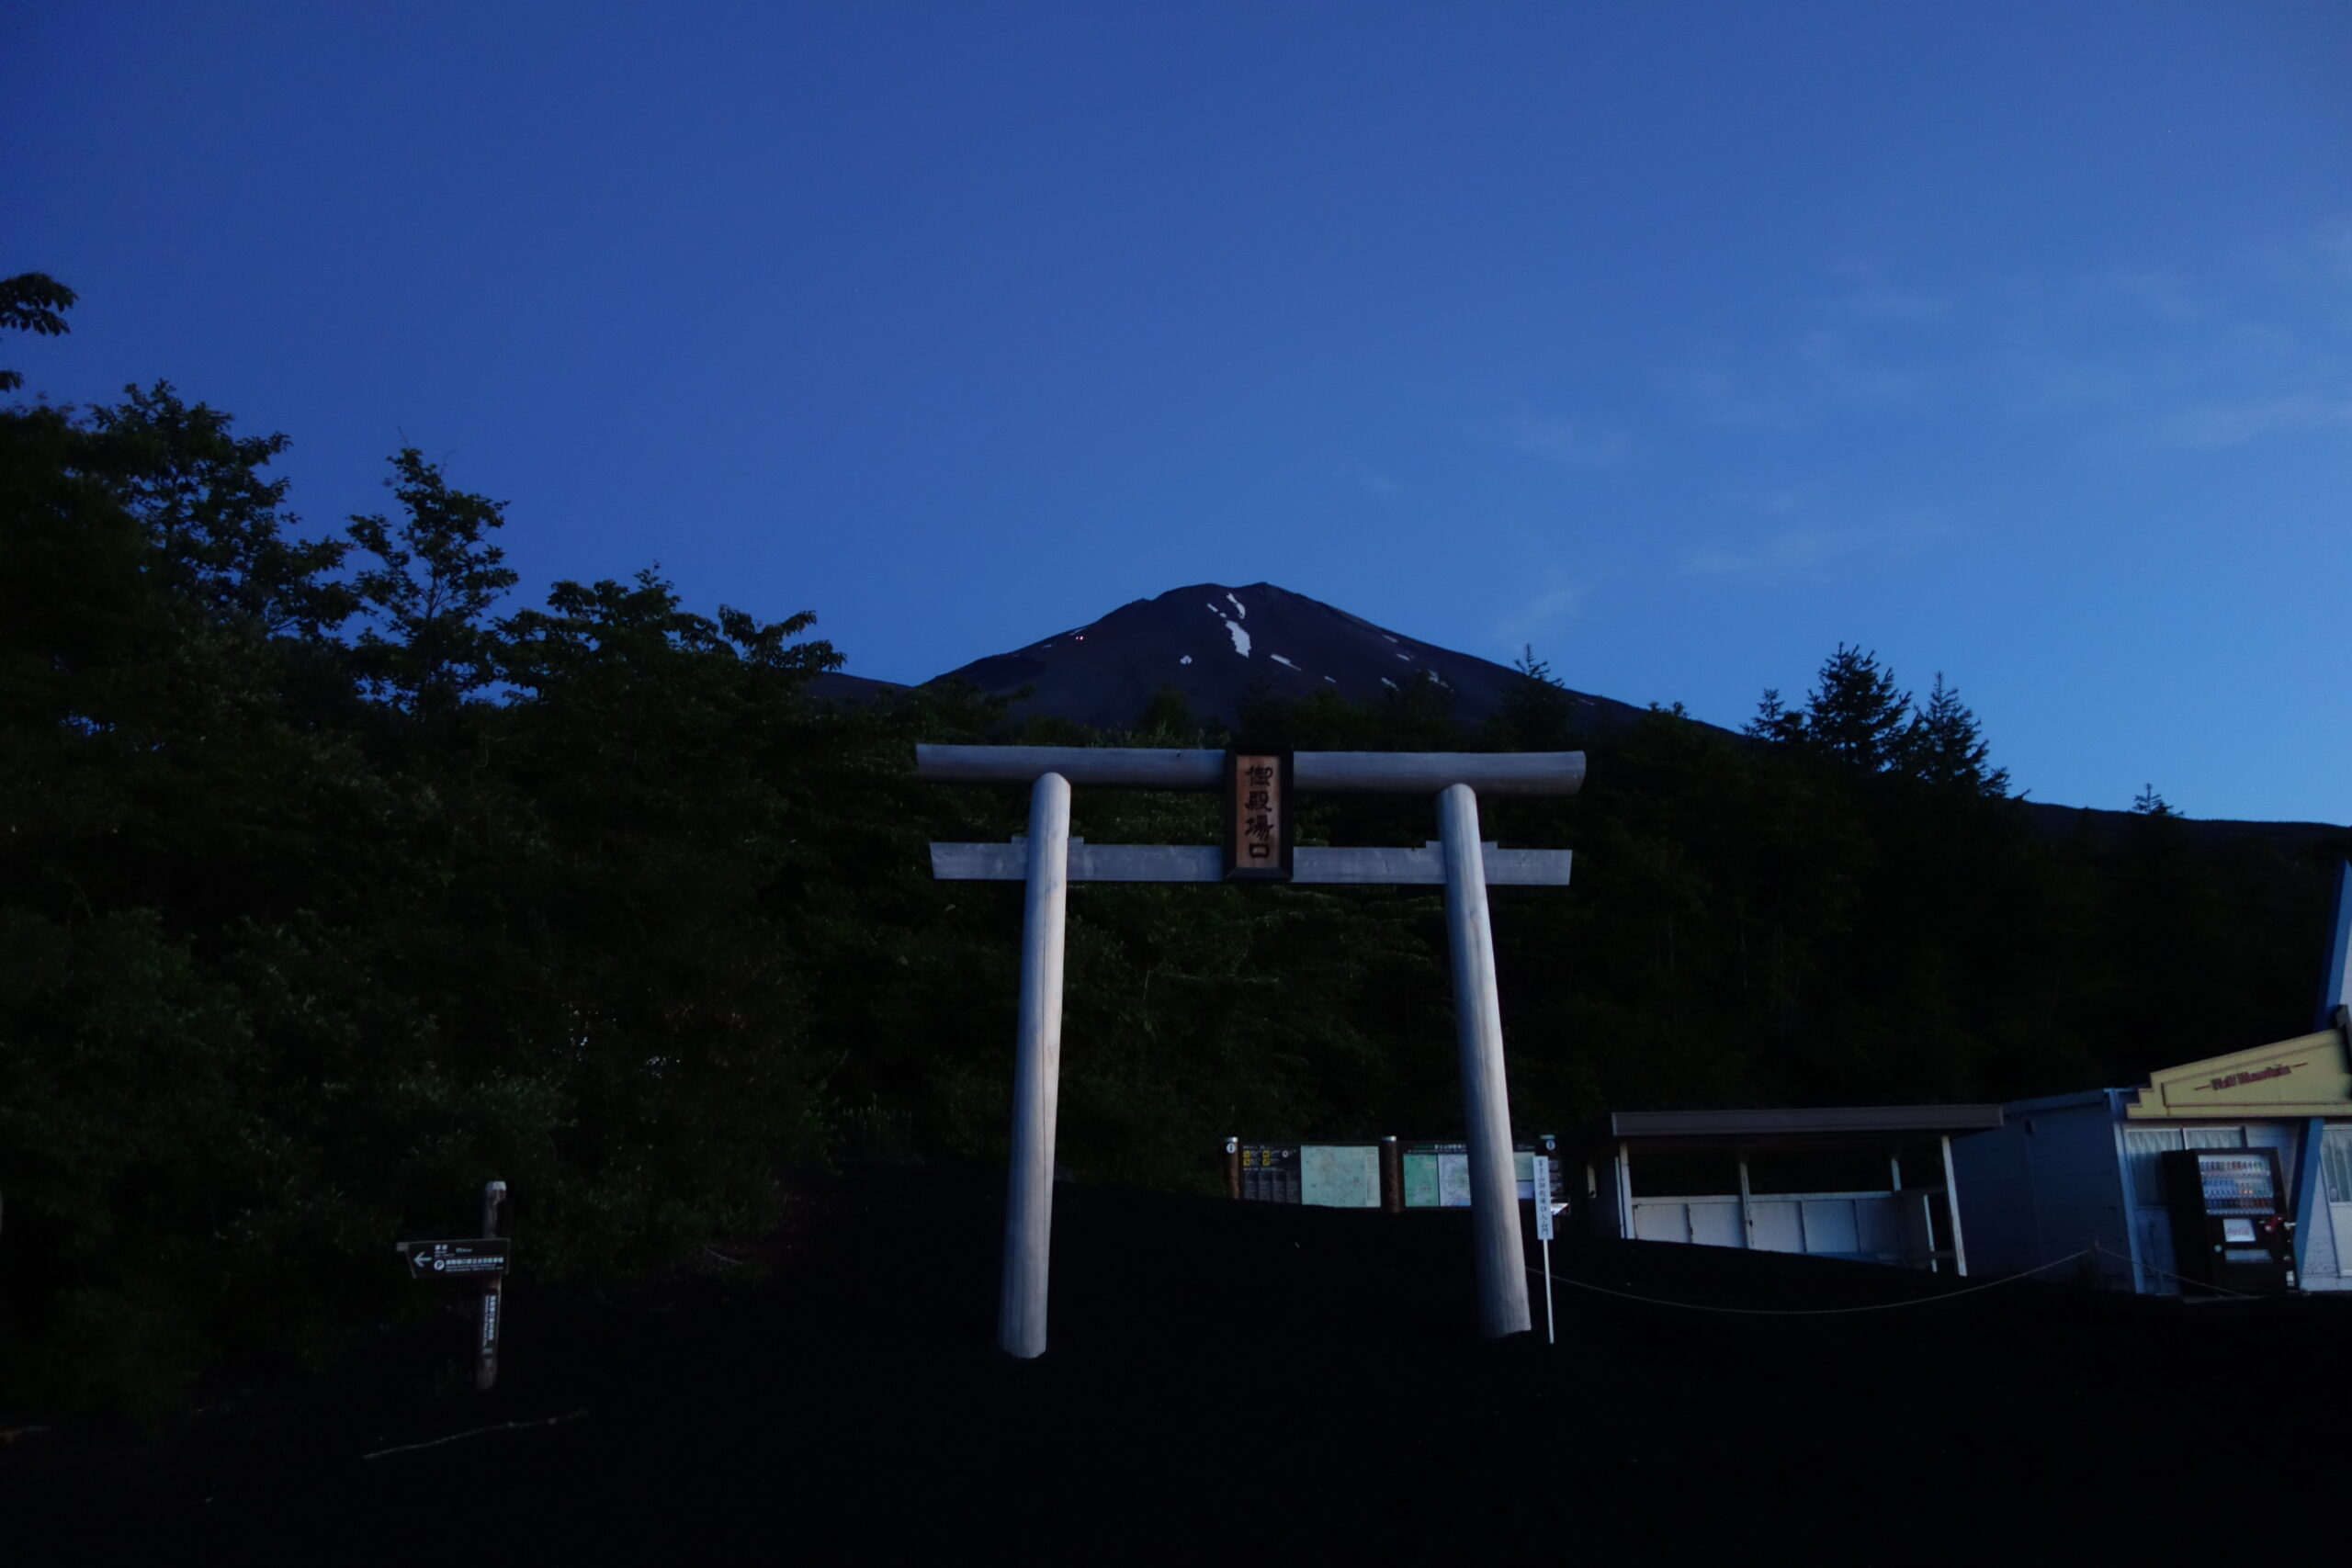 富士山 御殿場登山口 五合目駐車場